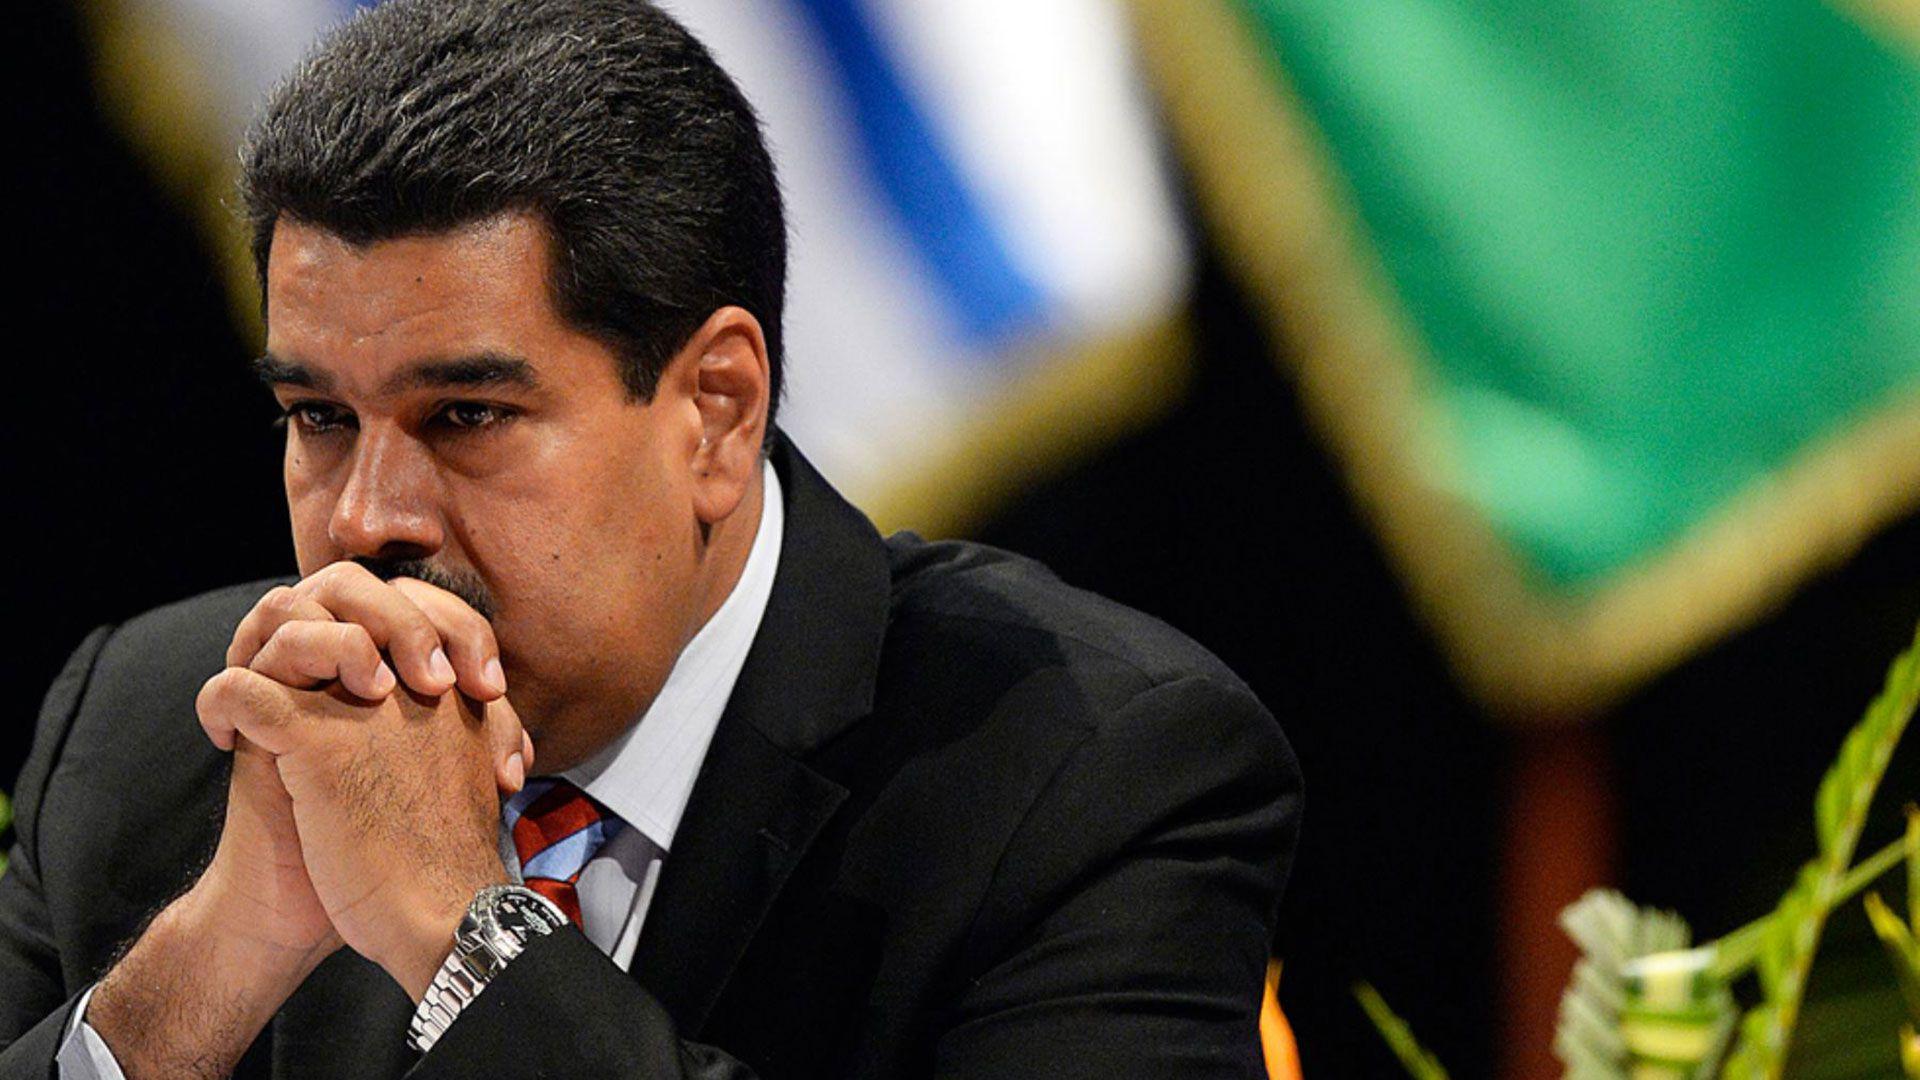 Extrema preocupación en el entorno de Maduro por la posible extradición de Saab a Estados Unidos